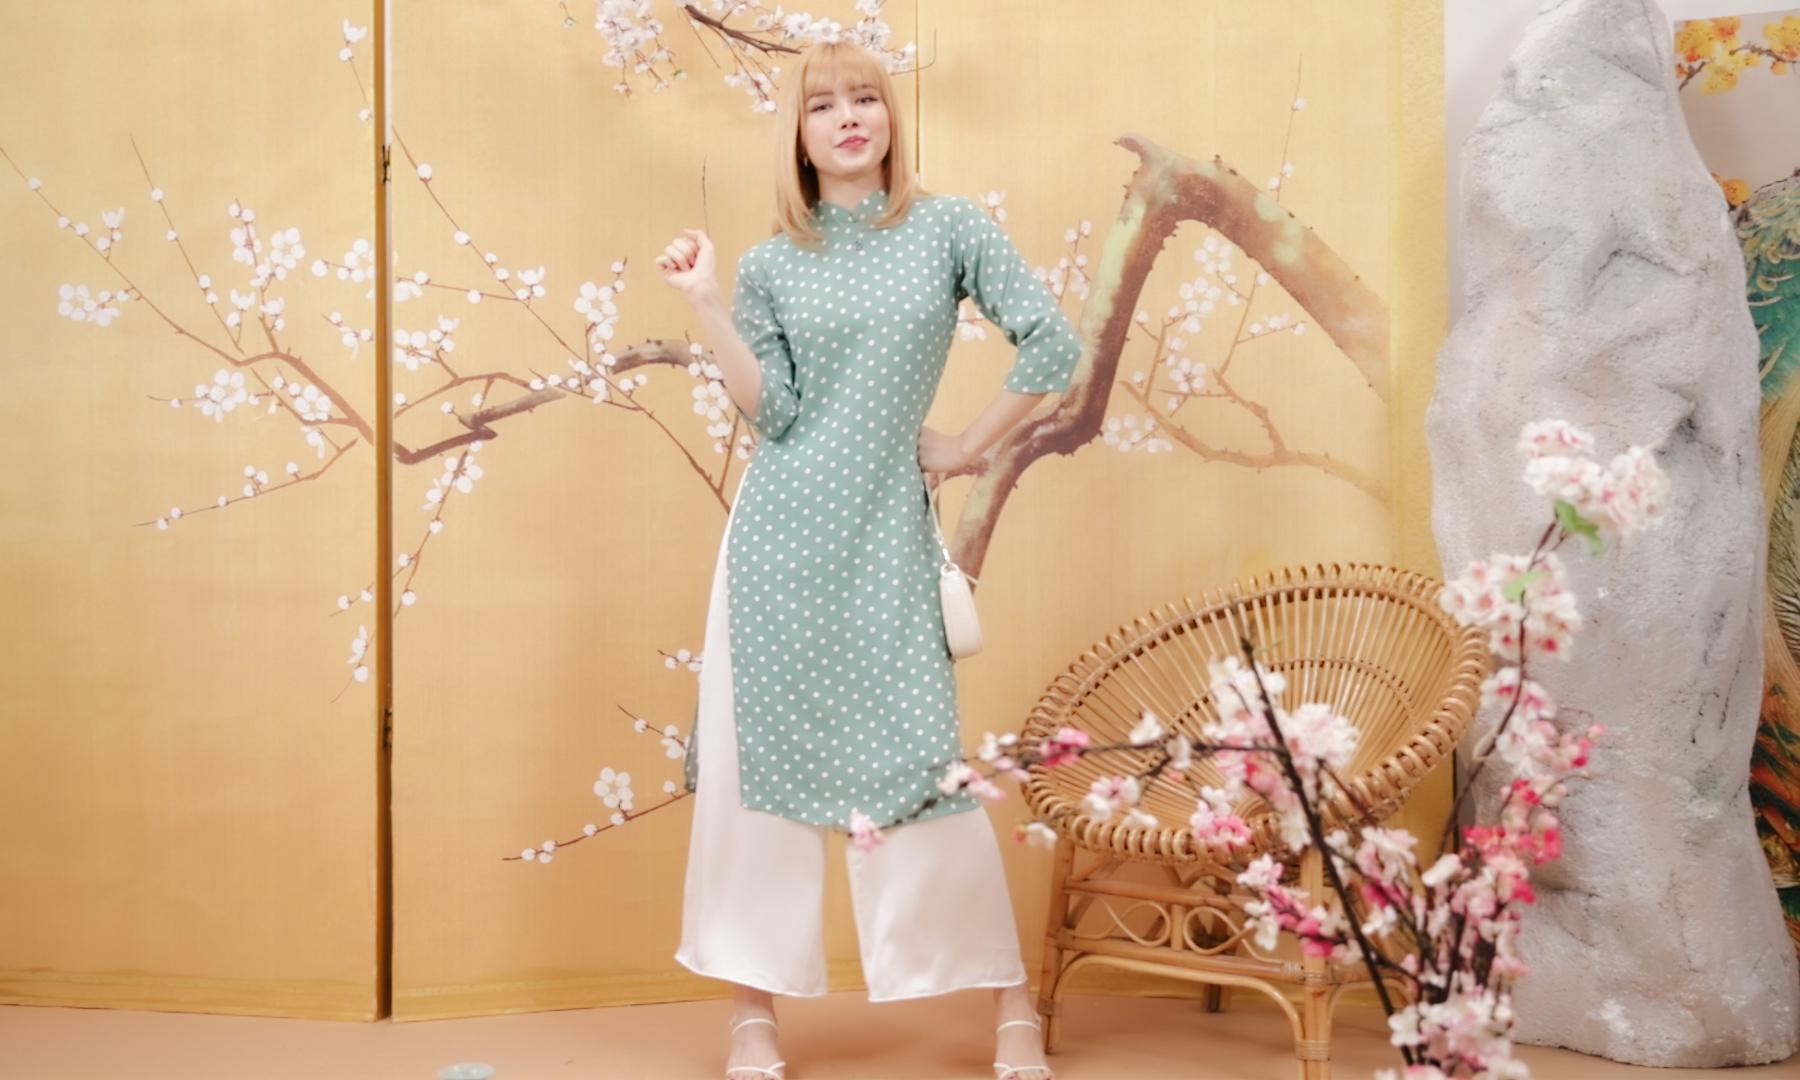 Thiều Bảo Trâm khoe da trắng dáng xinh, gợi ý outfit sang xịn chúc Tết họ hàng đúng chuẩn 100 điểm